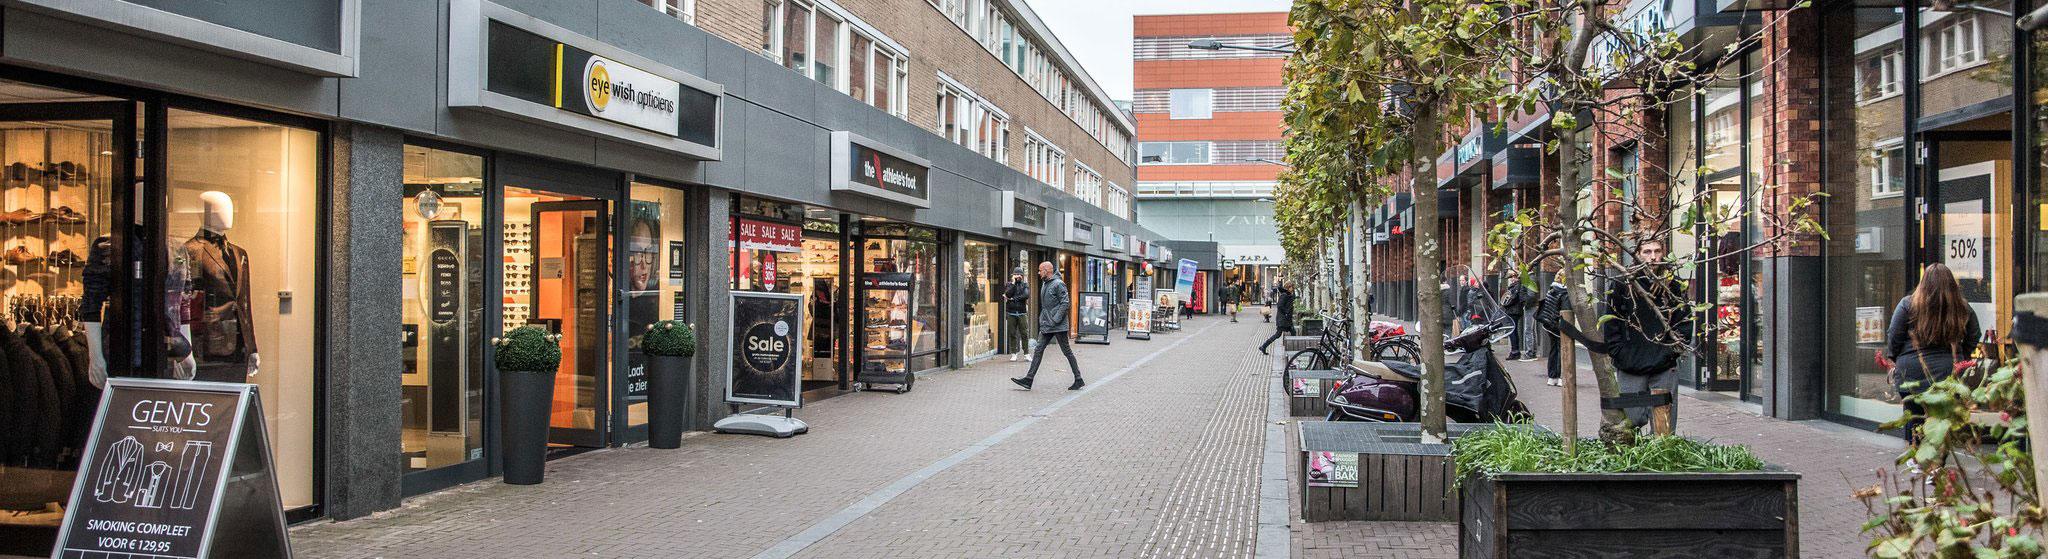 Winkelen-in-Hoofddorp